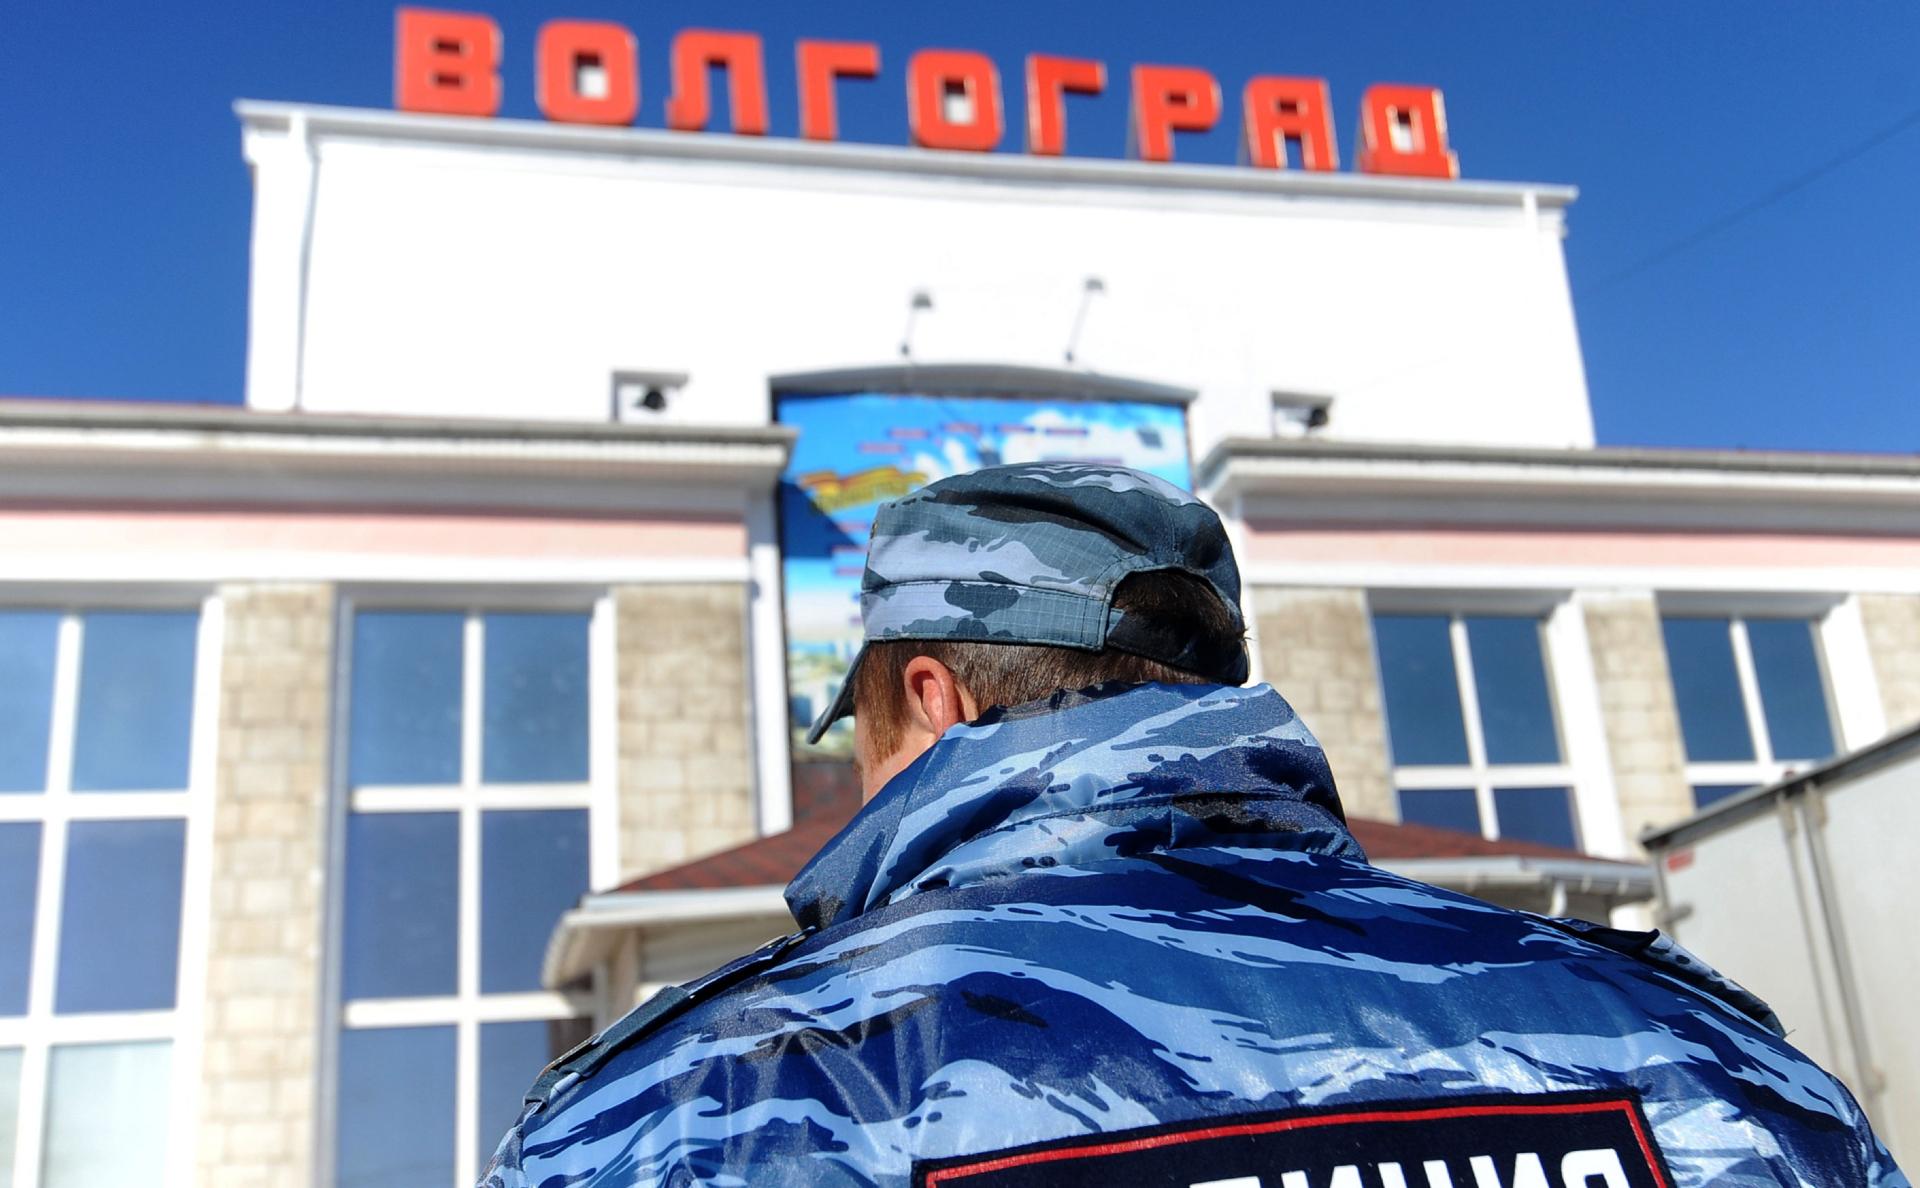 Фото: Дмитрий Рогулин / ТАСС